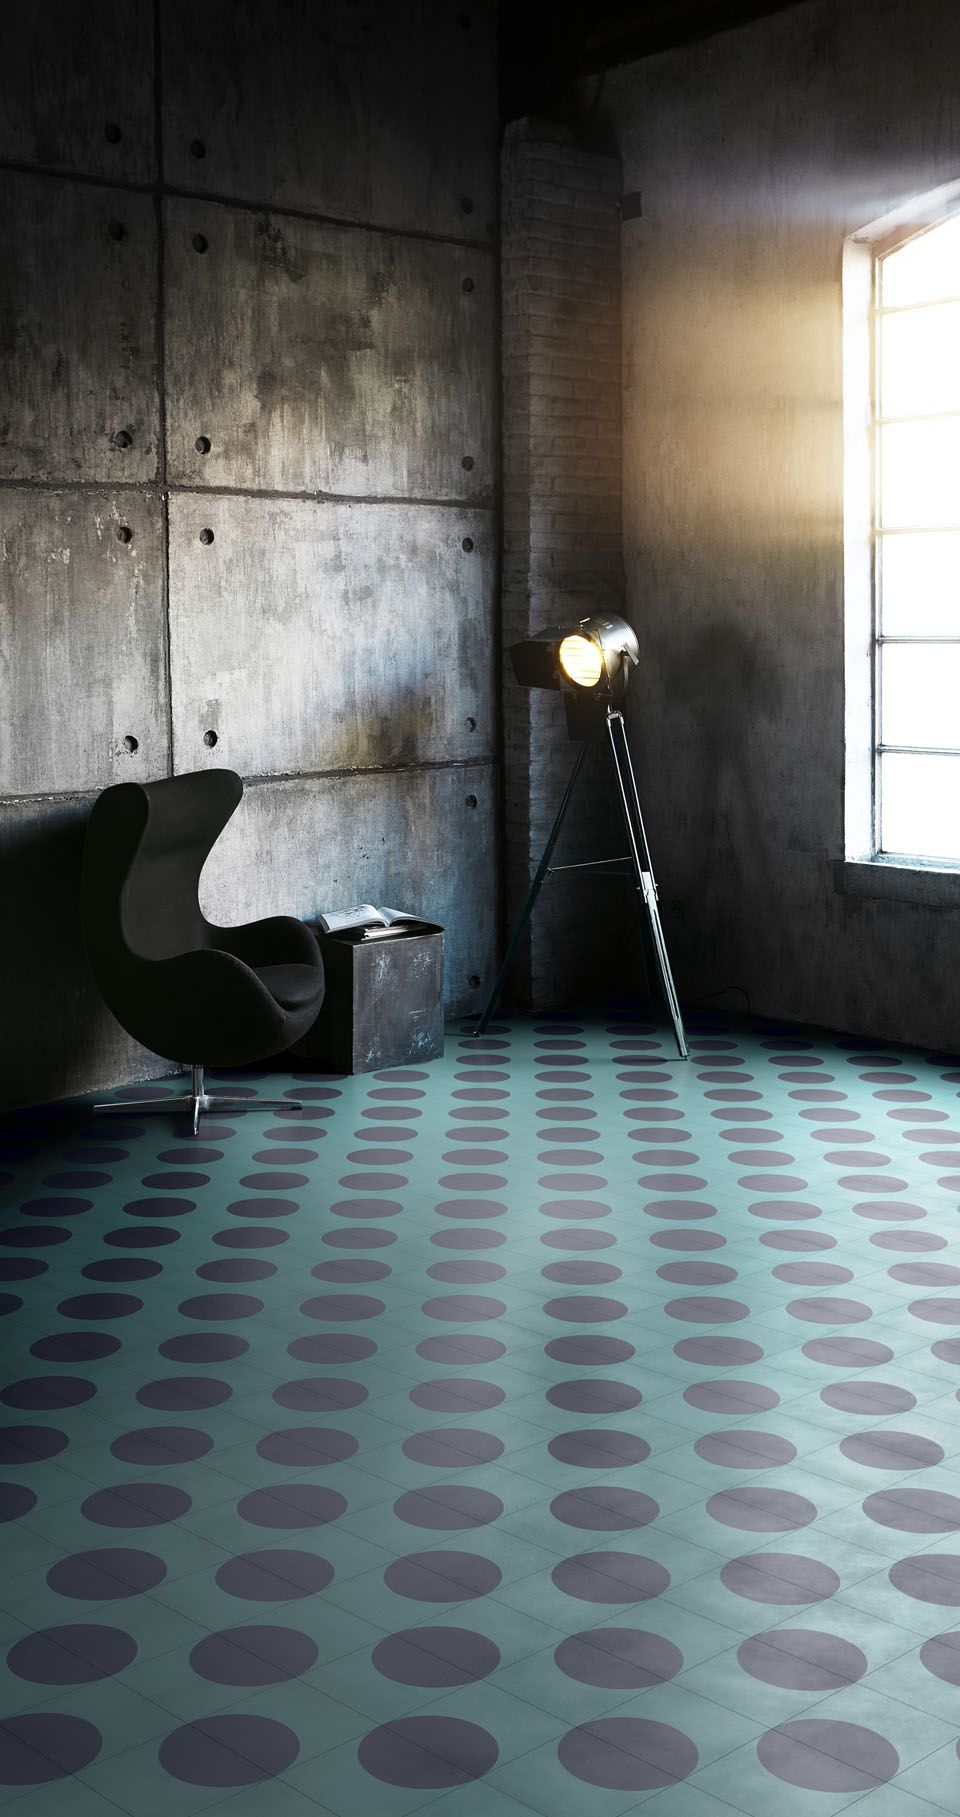 Le carrelage d\'India Mahdavi | Pinterest | Kacheln, Fußboden und ...